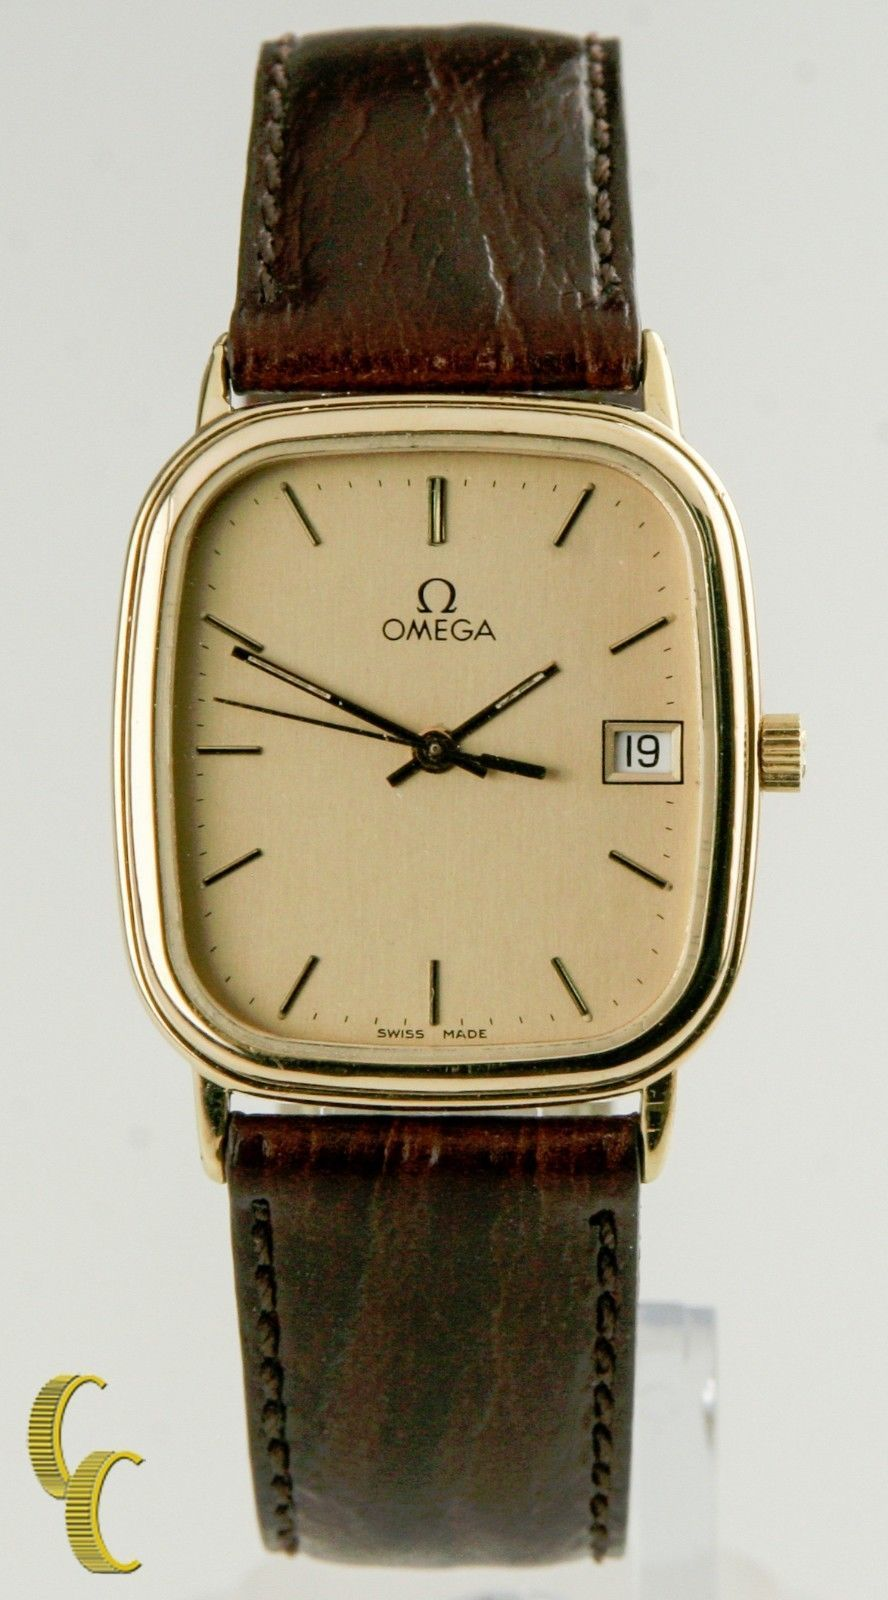 Omega Ω homme plaqué or quartz watch W / DATE détail et bracelet cuir